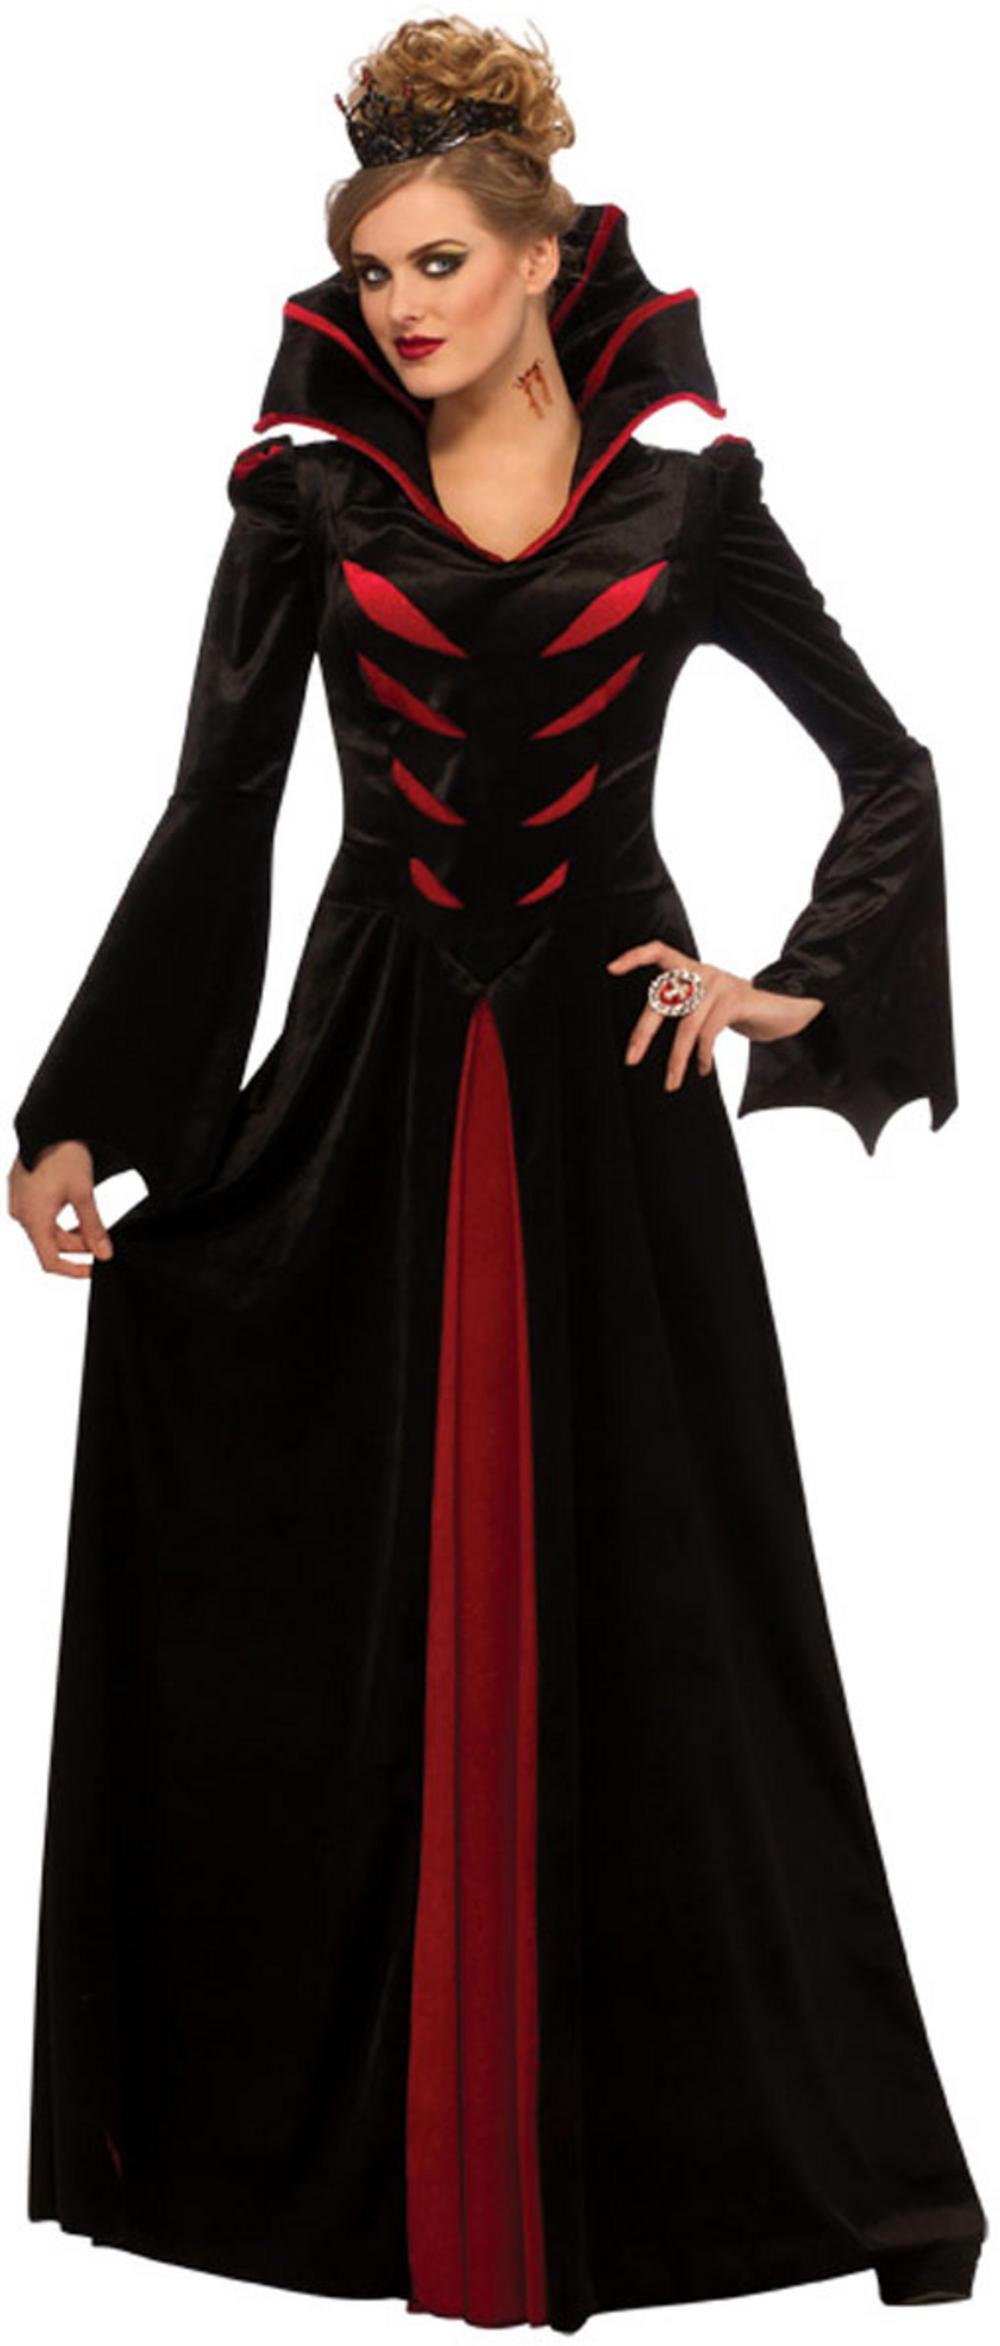 Queen of Vampires Costume